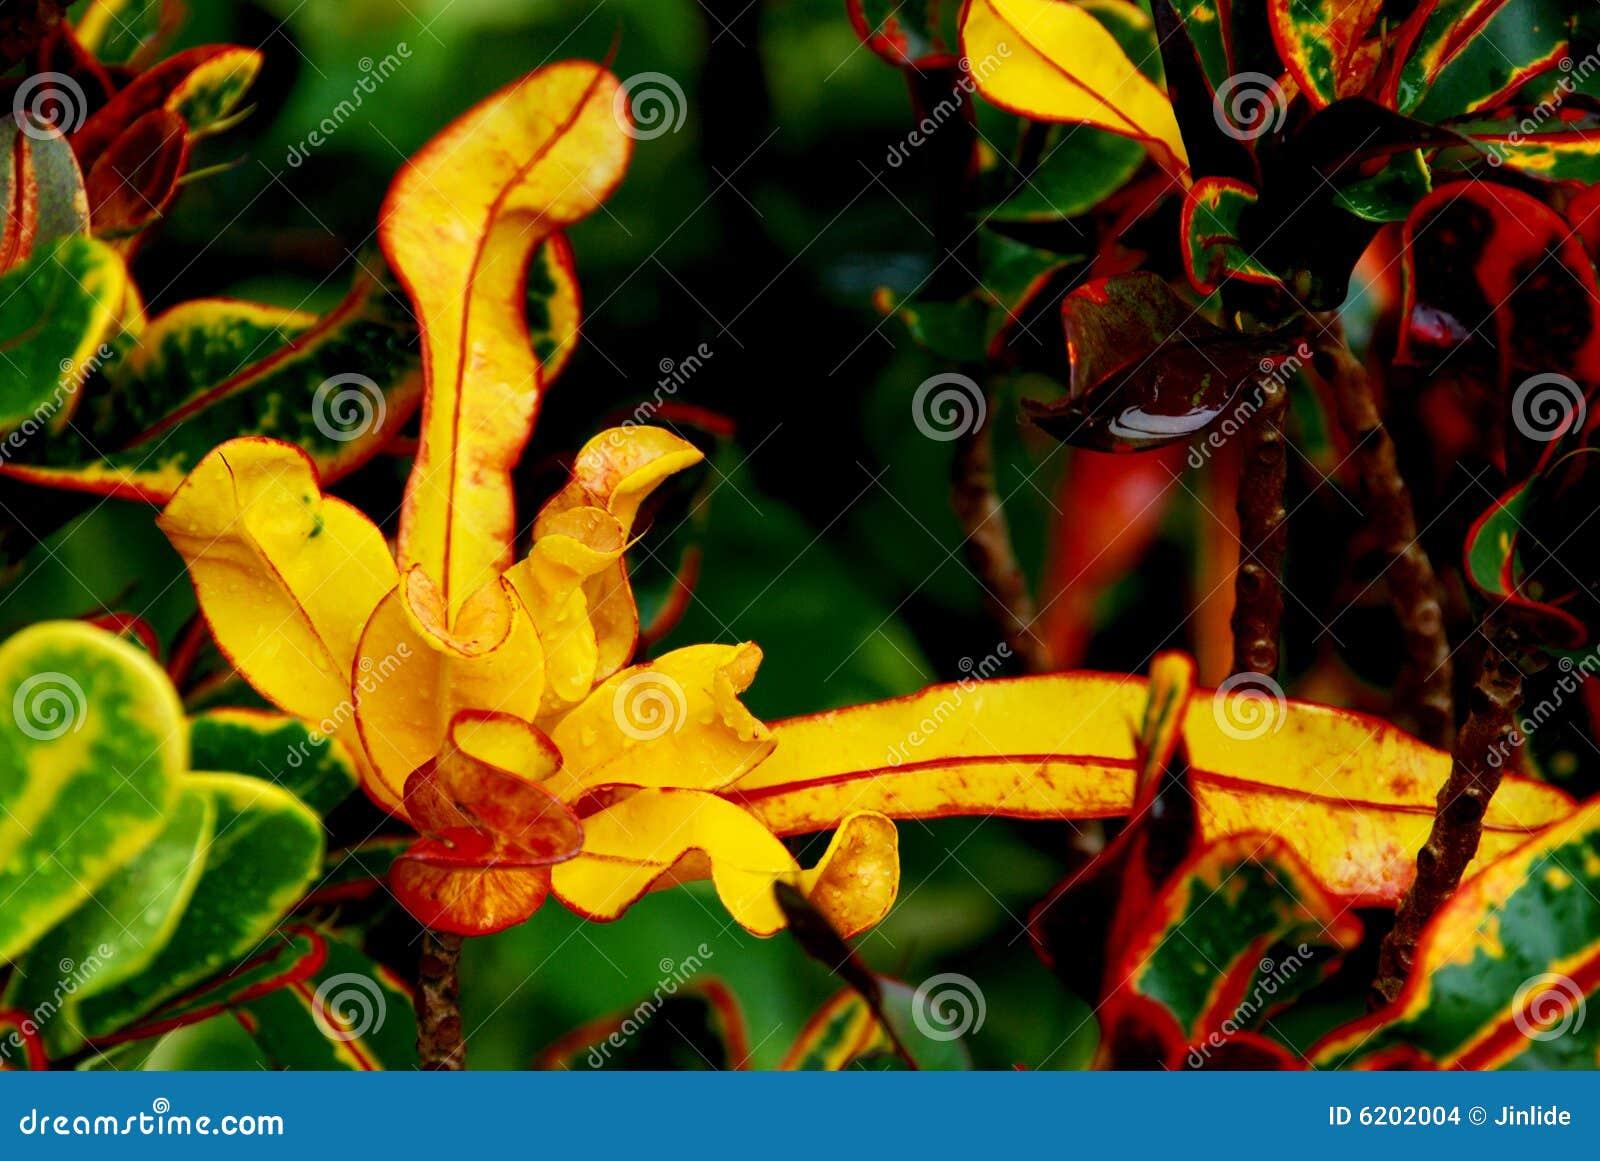 Bright yellow Croton in rain